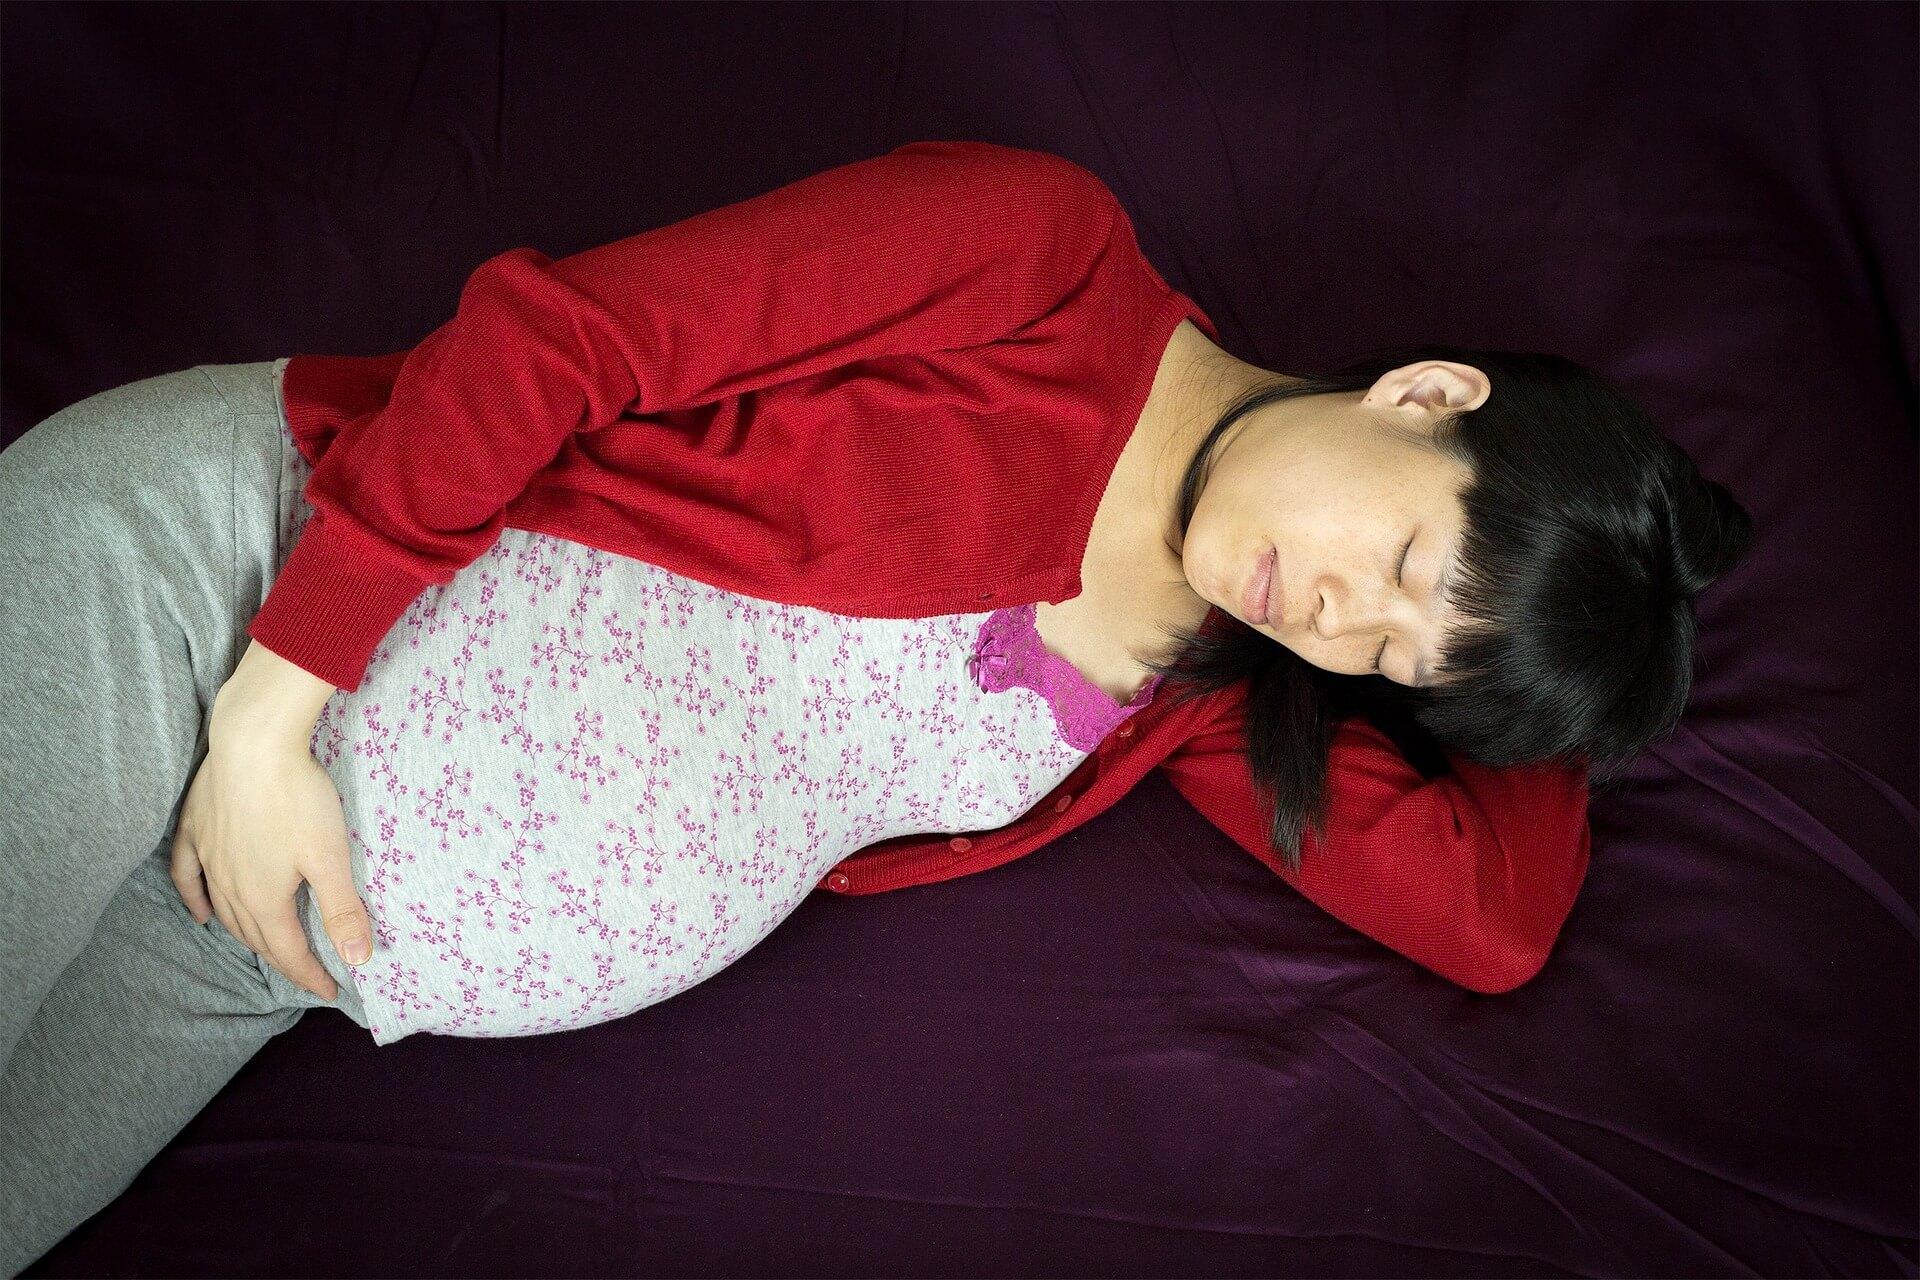 Cuscino Tra Le Gambe In Gravidanza.Dormire In Gravidanza Tutte Le Posizioni E I Consigli Pharma Mum